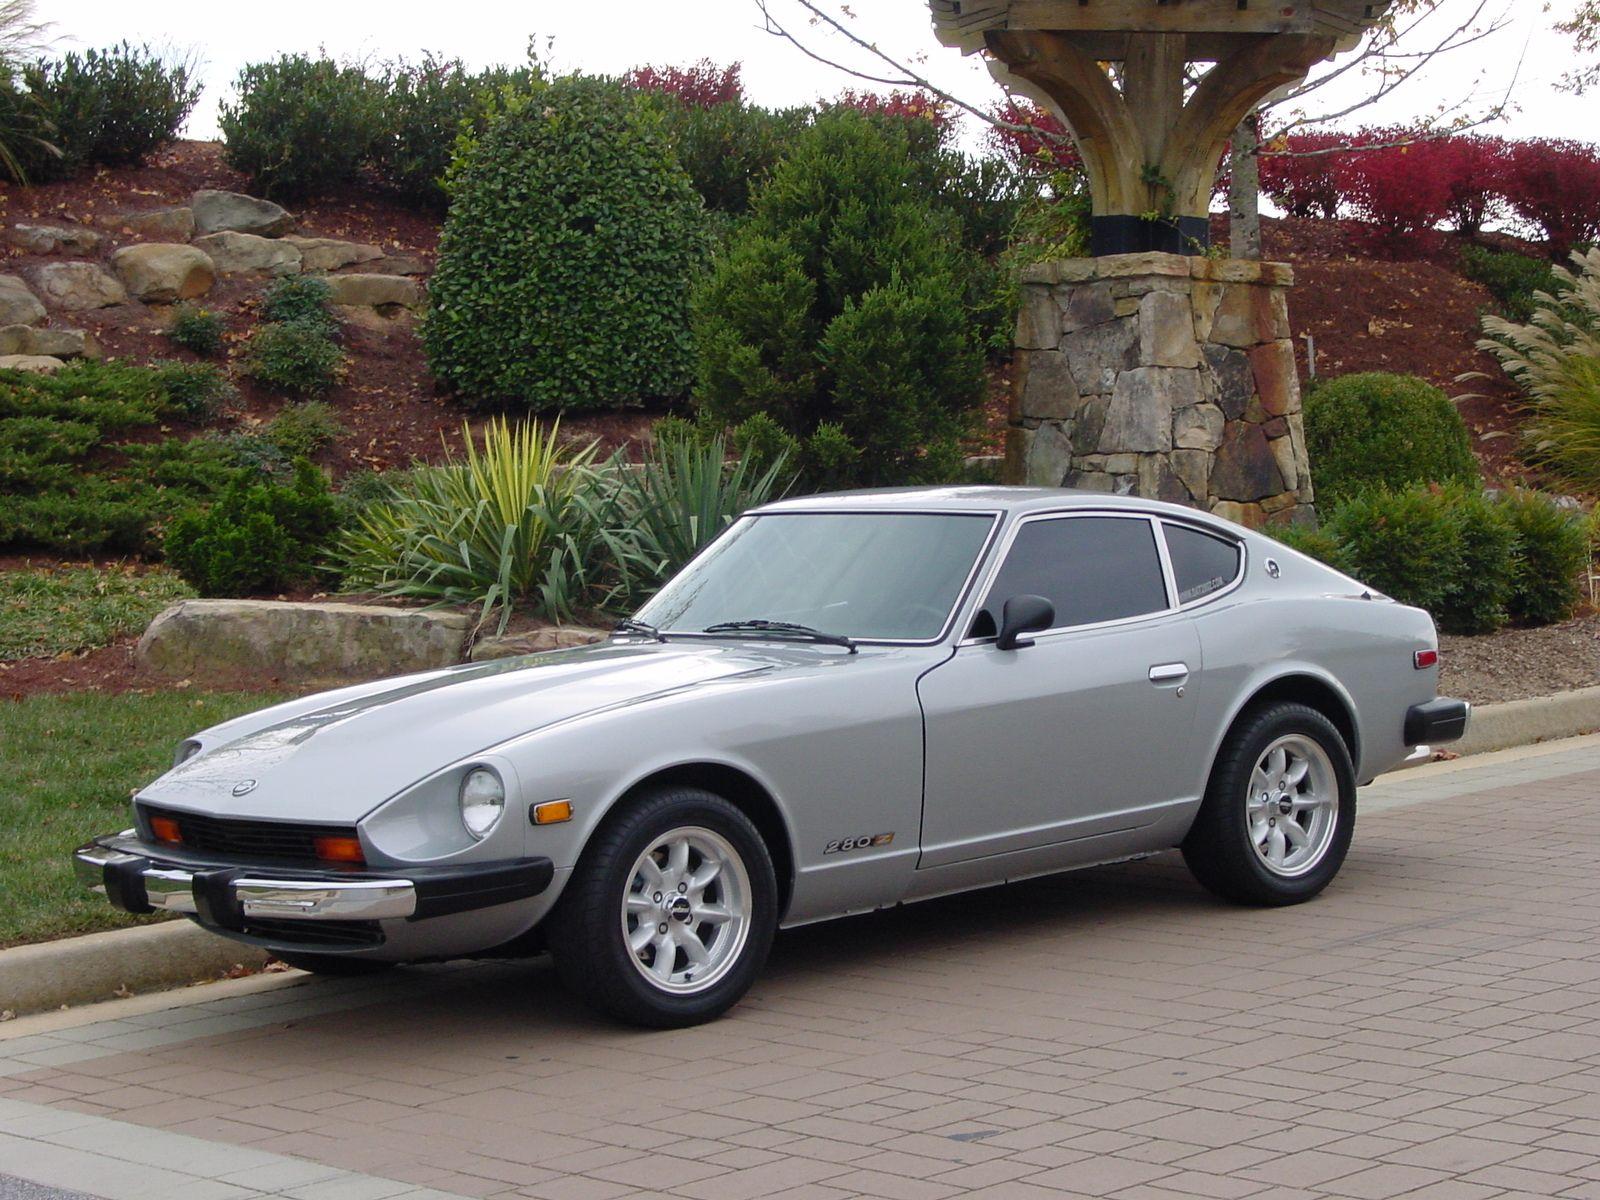 Explore Retro Cars, Datsun 240z, And More!